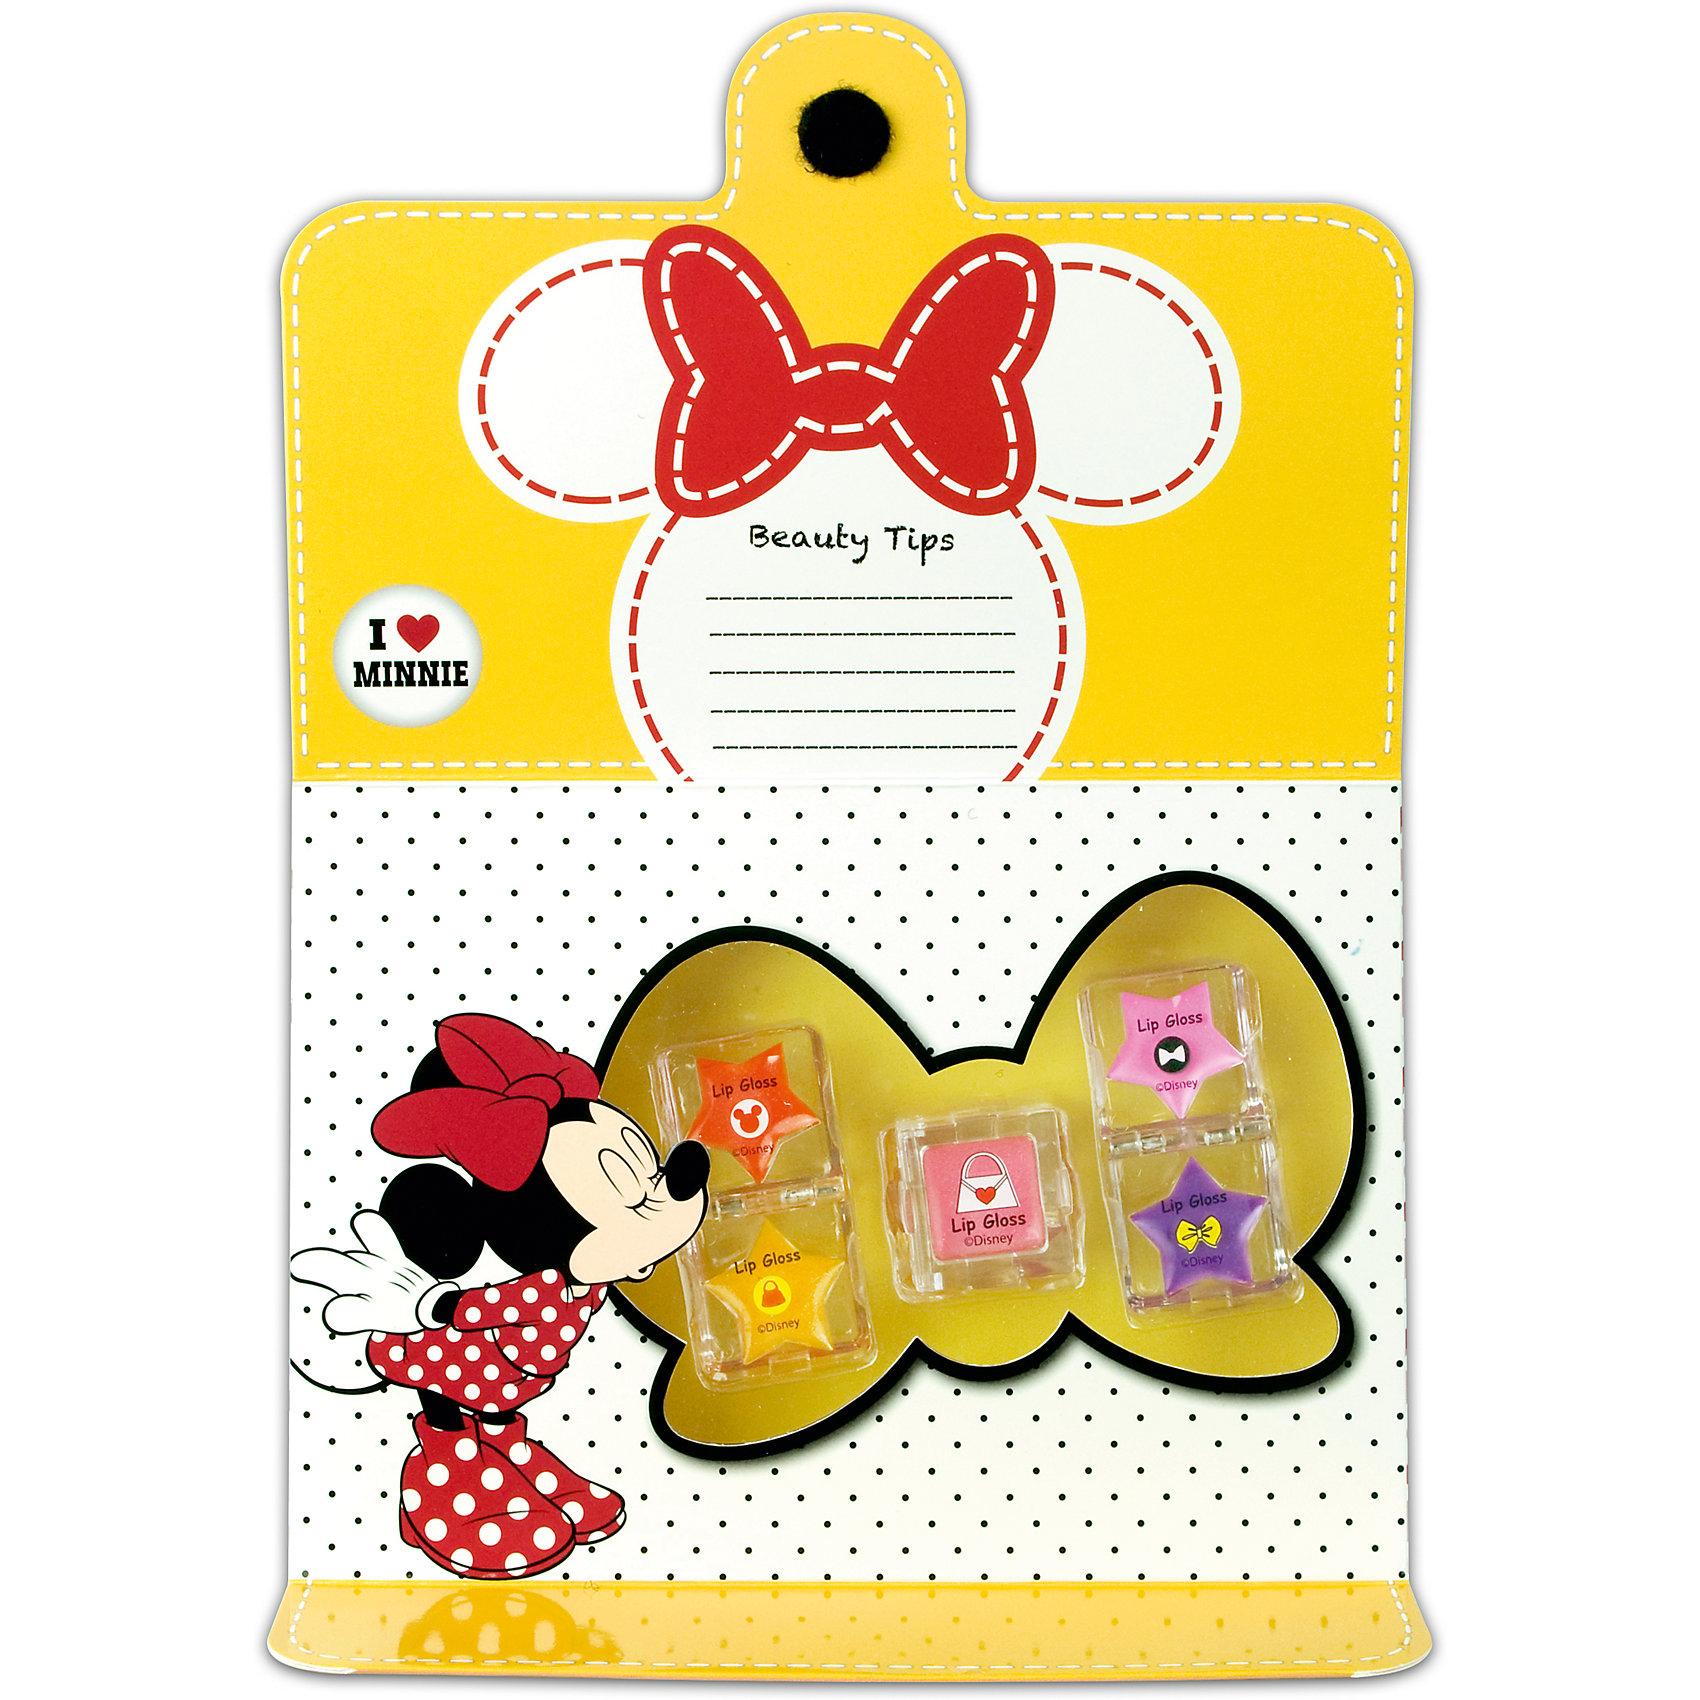 Набор детской косметики Minnie - Блеск для губКосметика, грим и парфюмерия<br>Характеристики:<br><br>• Наименование: детская декоративная косметика<br>• Предназначение: для сюжетно-ролевых игр<br>• Серия: Микки Маус и его друзья<br>• Пол: для девочки<br>• Материал: натуральные косметические компоненты, пластик, картон<br>• Цвет: оттенки розового, красный, сиреневый, желтый<br>• Комплектация: 5 оттенков блеска для губ<br>• Размеры (Д*Ш*В): 12*9*7 см<br>• Вес: 120 г <br>• Упаковка: упаковка в форме книжки<br><br>Игровой набор детской декоративной косметики для губ, Минни Маус – это набор игровой детской косметики от Markwins, которая вот уже несколько десятилетий специализируется на выпуске детской косметики. Рецептура декоративной детской косметики разработана совместно с косметологами и медиками, в основе рецептуры – водная основа, а потому она гипоаллергенны, не вызывает раздражений на детской коже и легко смывается, не оставляя следа. Безопасность продукции подтверждена международными сертификатами качества и безопасности. <br>Игровой набор детской декоративной косметики состоит из 5-ти ярких оттенков блеска для губ в тубах. Косметические средства, входящие в состав набора, имеют длительный срок хранения – 12 месяцев. Набор выполнен в брендовом дизайне популярной серии Микки Маус и его друзья, упаковка в форме книжки с яркими элементами может стать дополнительным аксессуаром к праздничному образу девочки. Игровой набор детской декоративной косметики от Markwins может стать незаменимым праздничным подарком для любой маленькой модницы!<br><br>Игровой набор детской декоративной косметики для губ, Минни Маус можно купить в нашем интернет-магазине.<br><br>Ширина мм: 190<br>Глубина мм: 140<br>Высота мм: 40<br>Вес г: 166<br>Возраст от месяцев: 48<br>Возраст до месяцев: 120<br>Пол: Женский<br>Возраст: Детский<br>SKU: 5124715